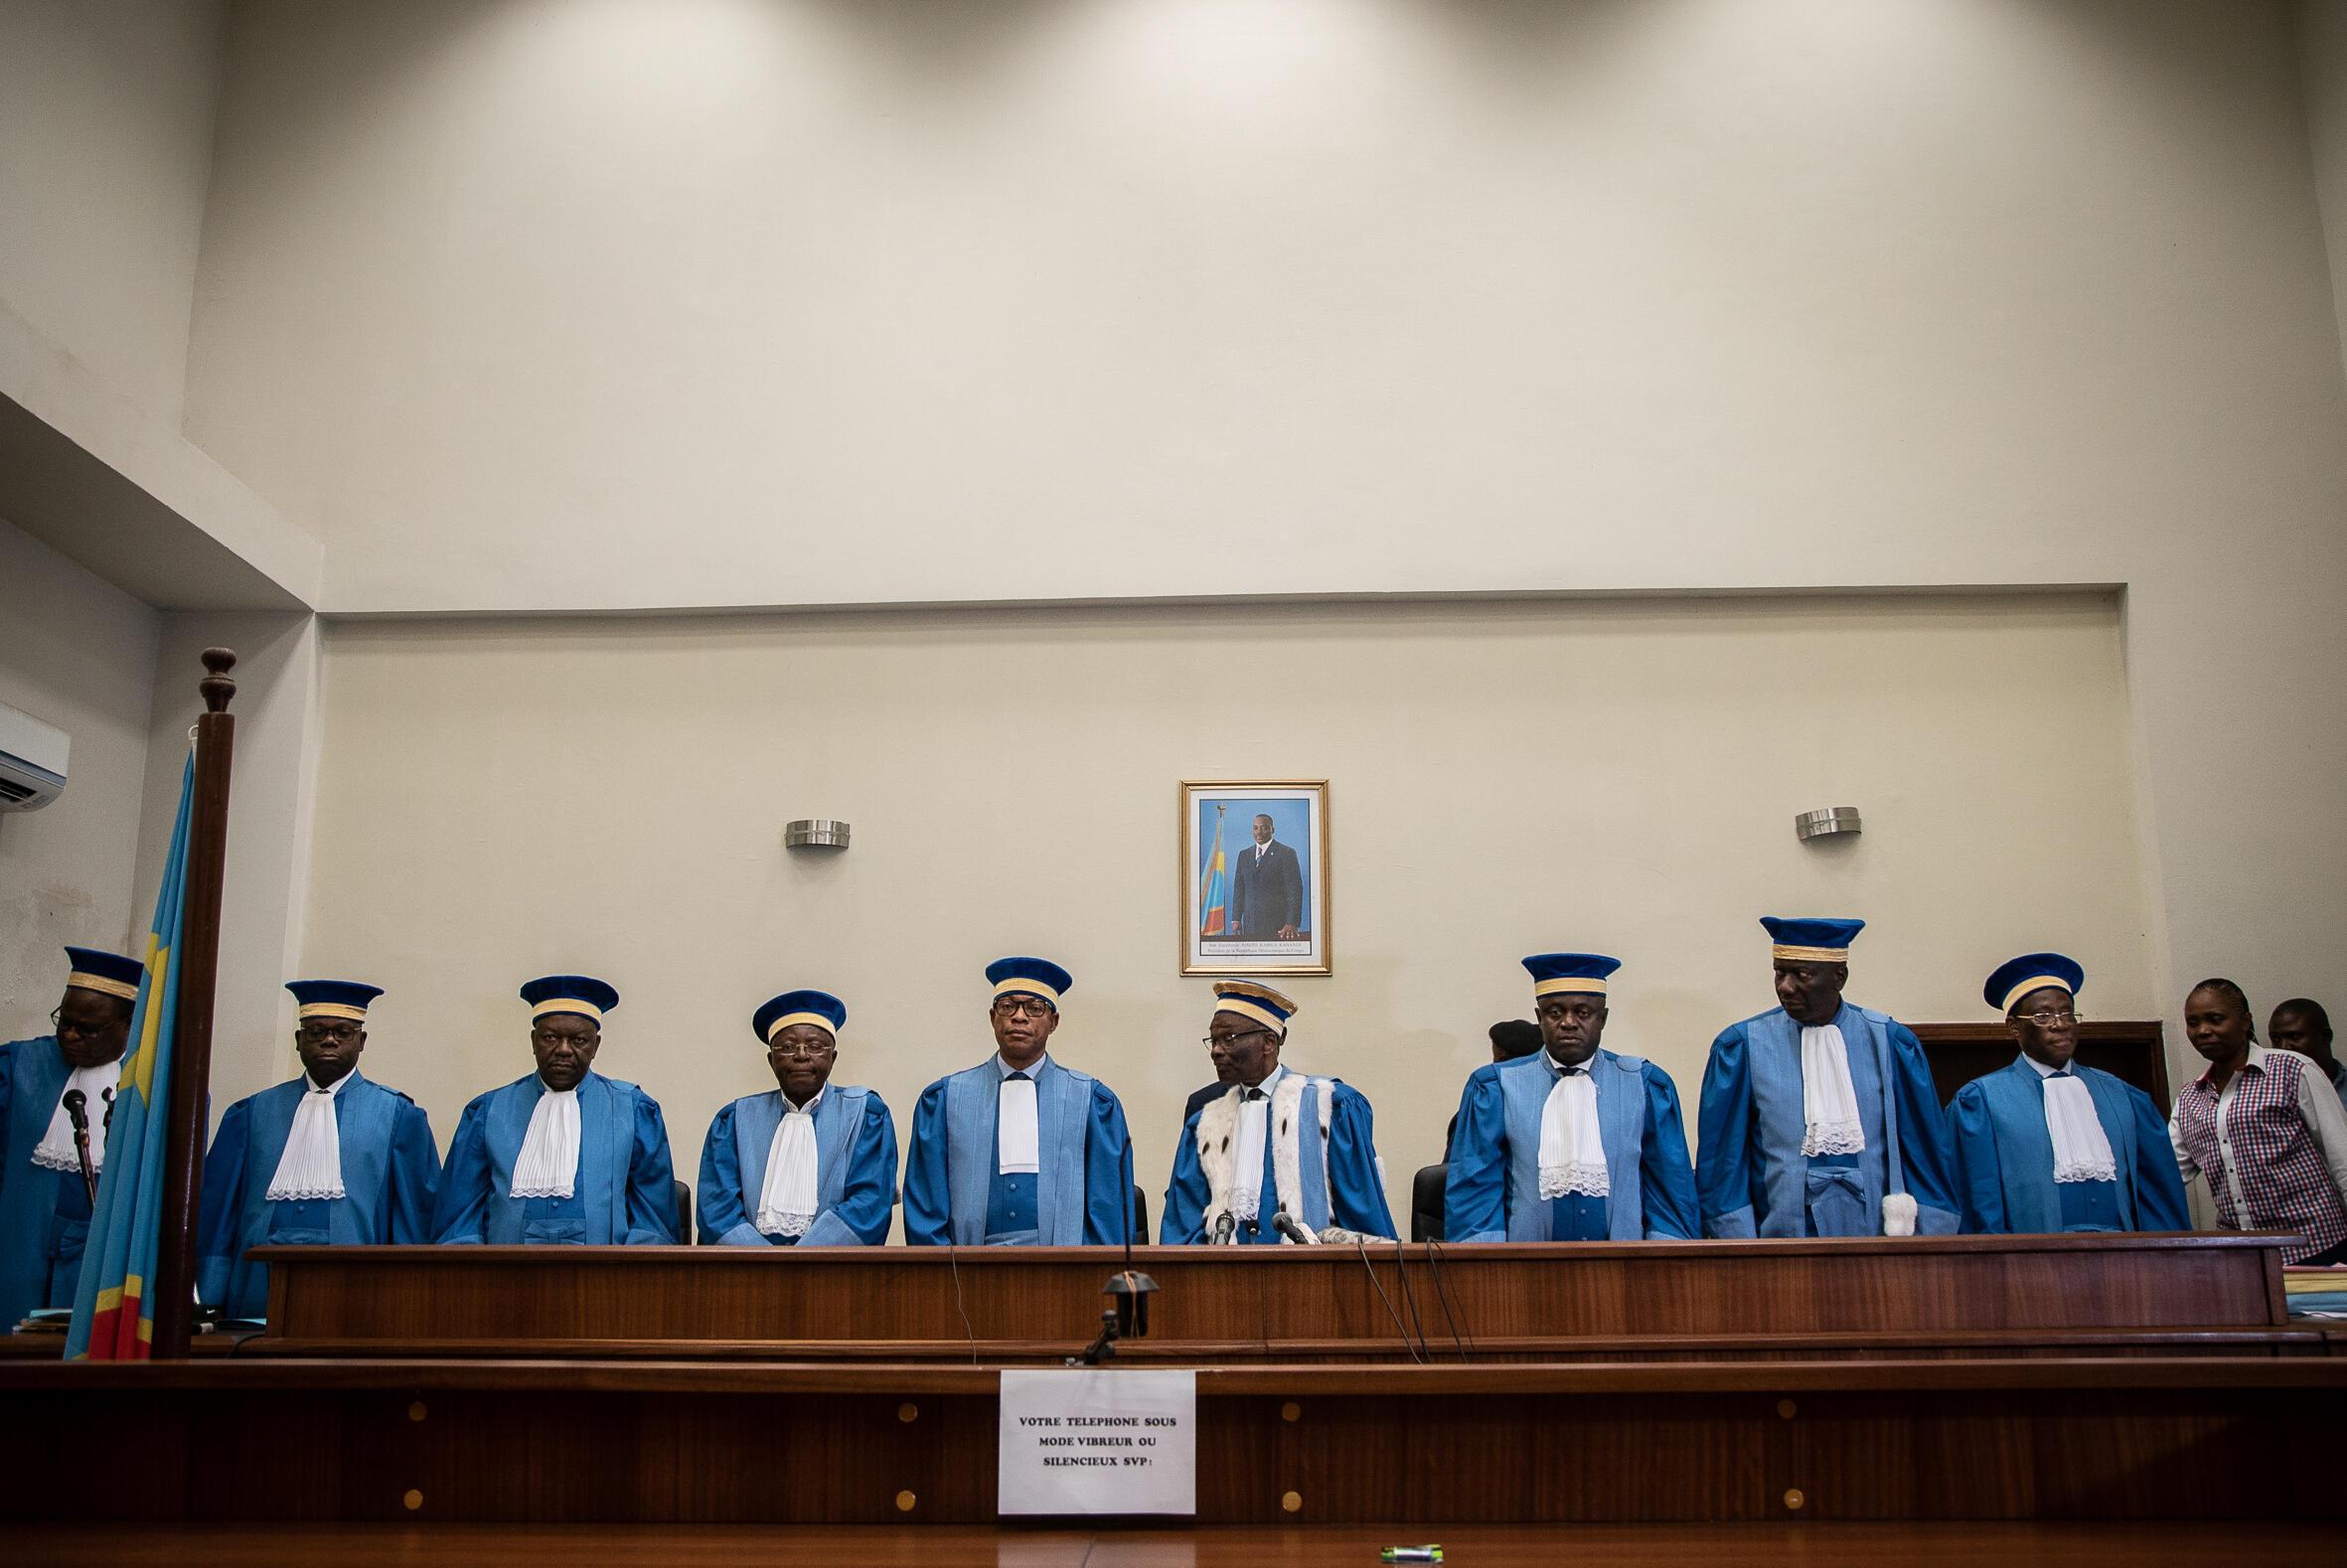 Les juges de la Cour constitutionnelle congolaise, janvier 2019. (image d'illustration)